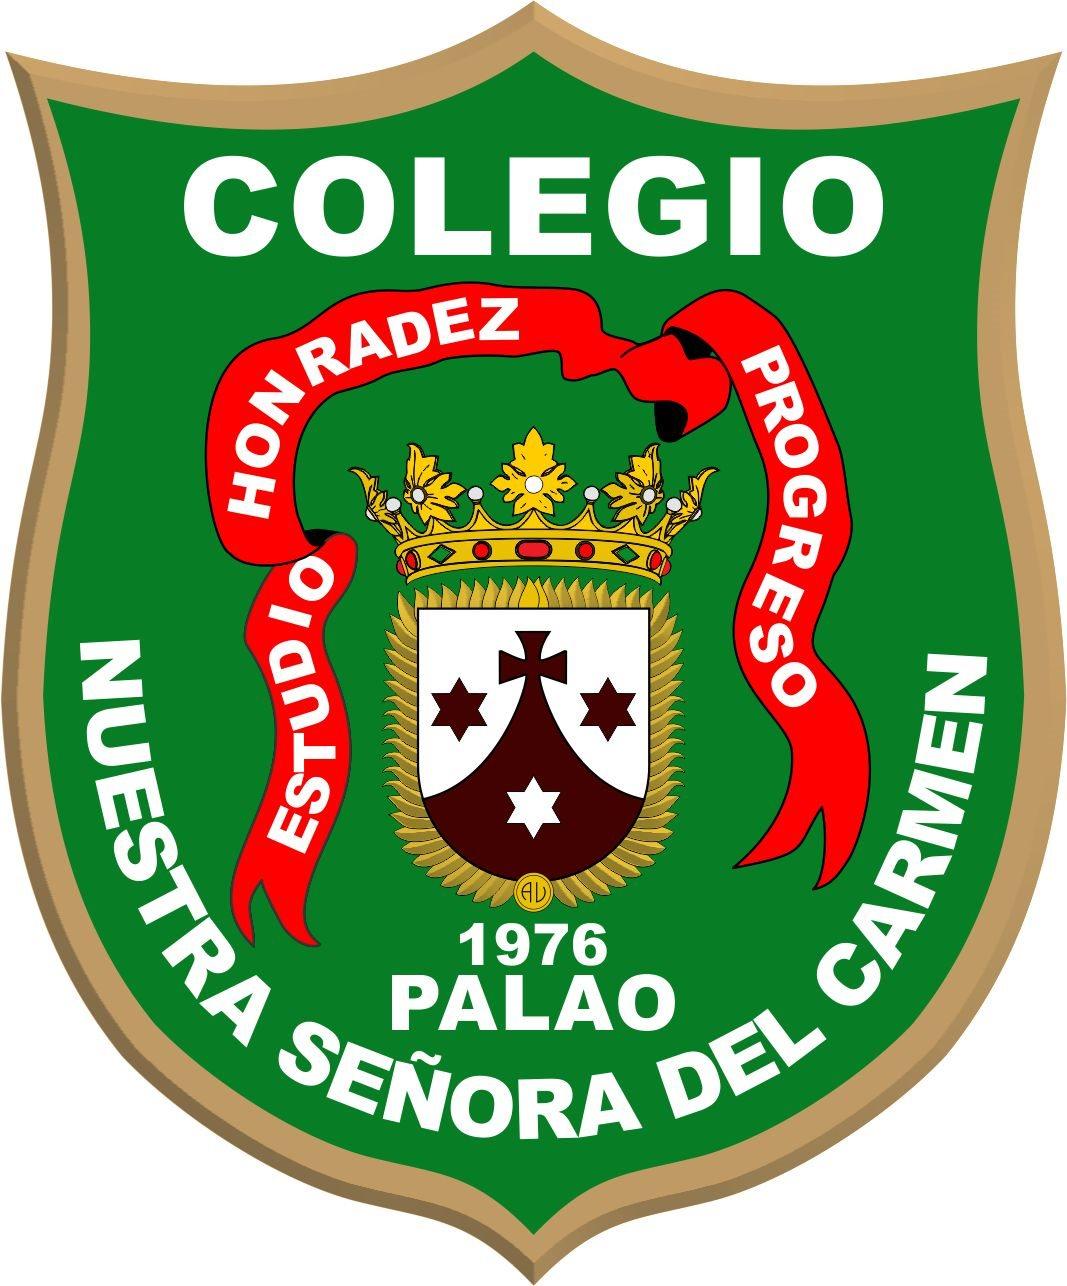 Colegio Nuestra Señora del Carmen de Palao